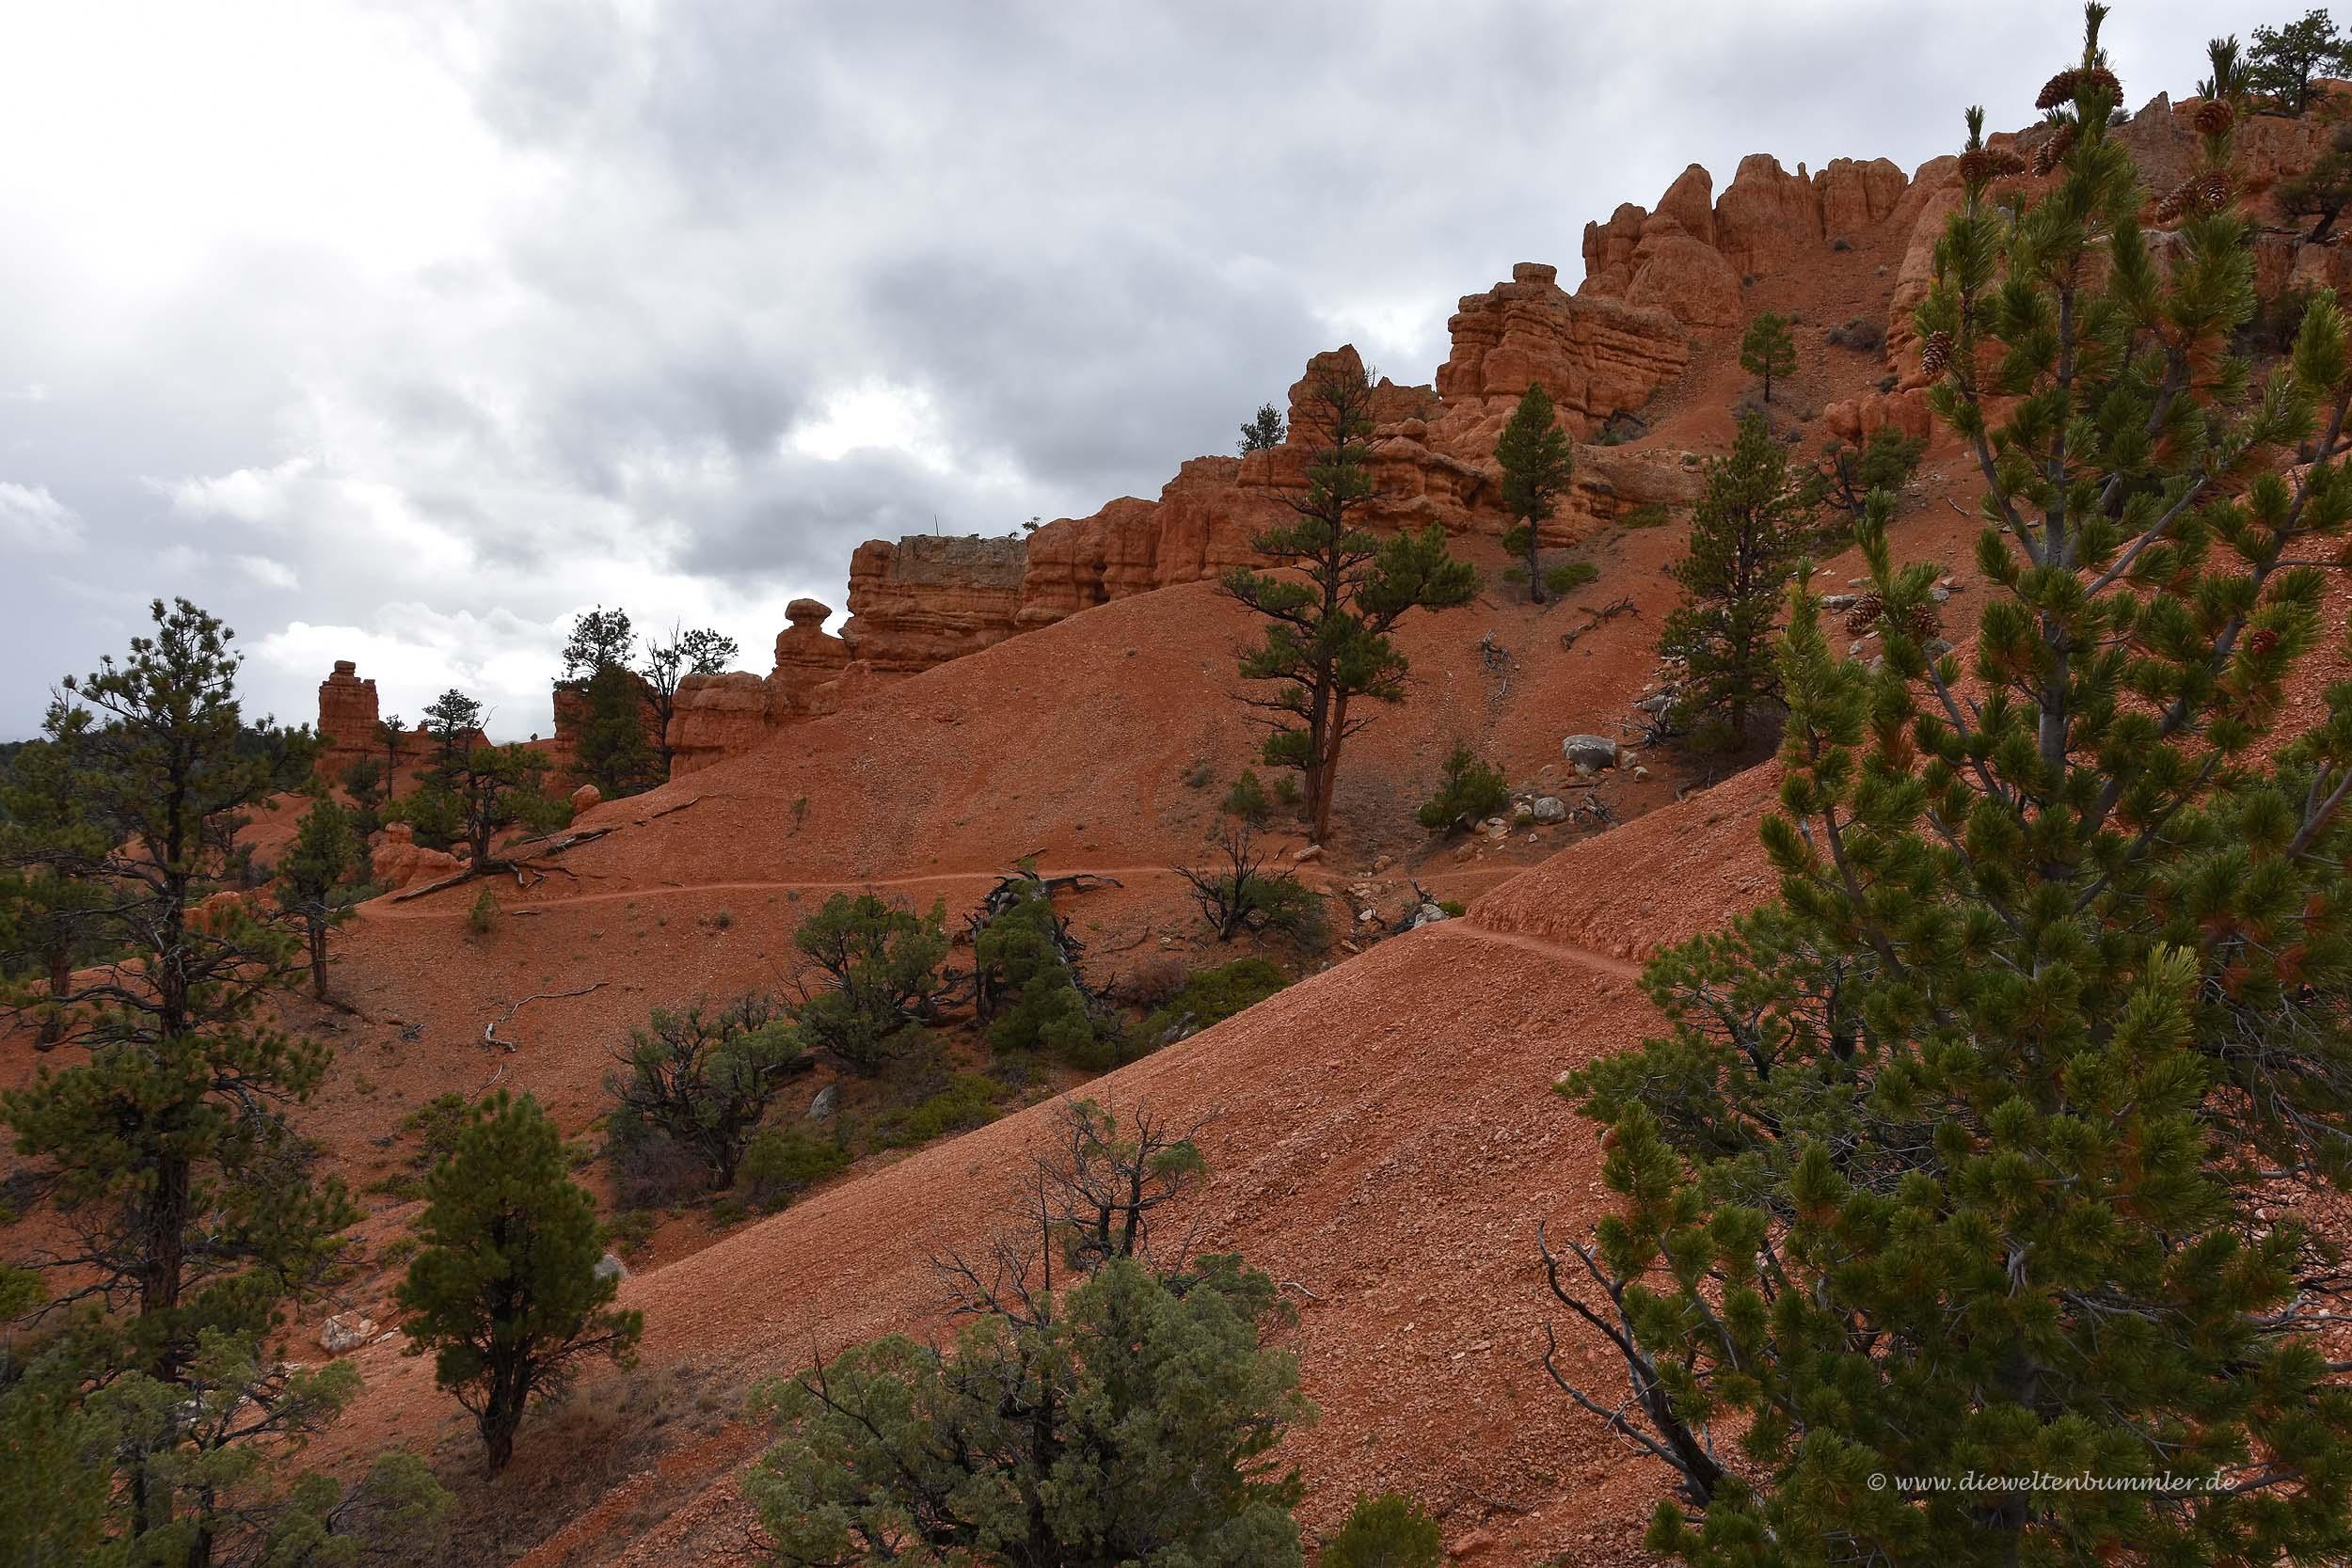 Red Canyon-Wanderweg